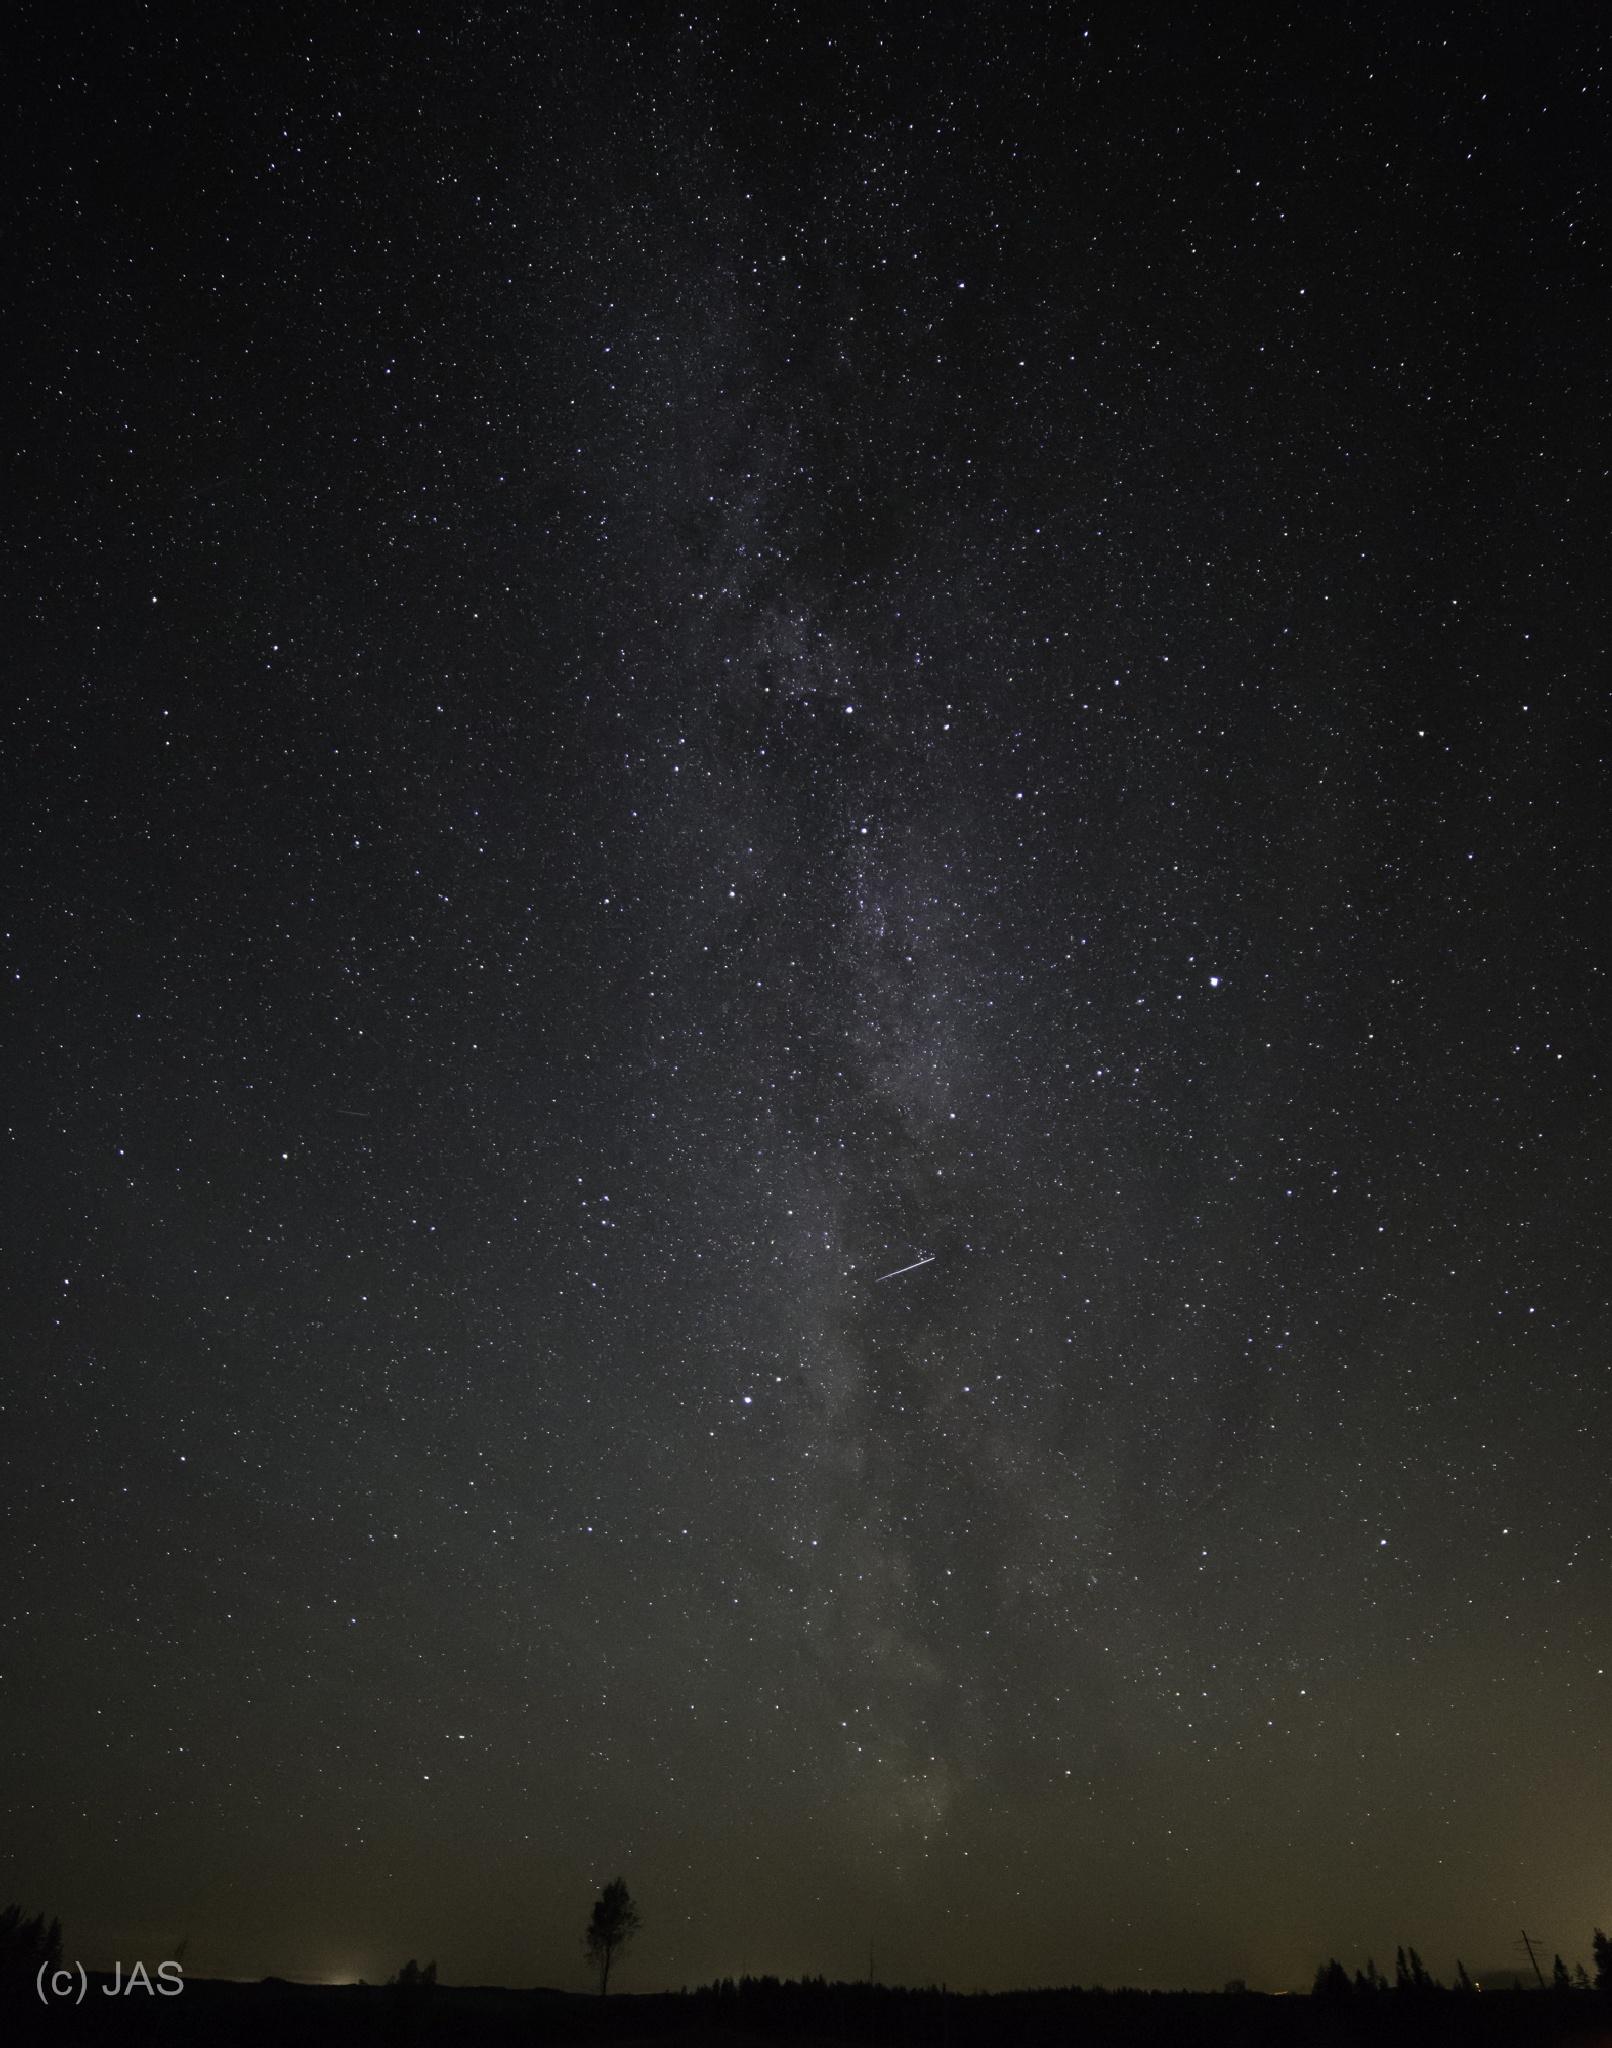 Galaxy in North Karelia by Jylppy